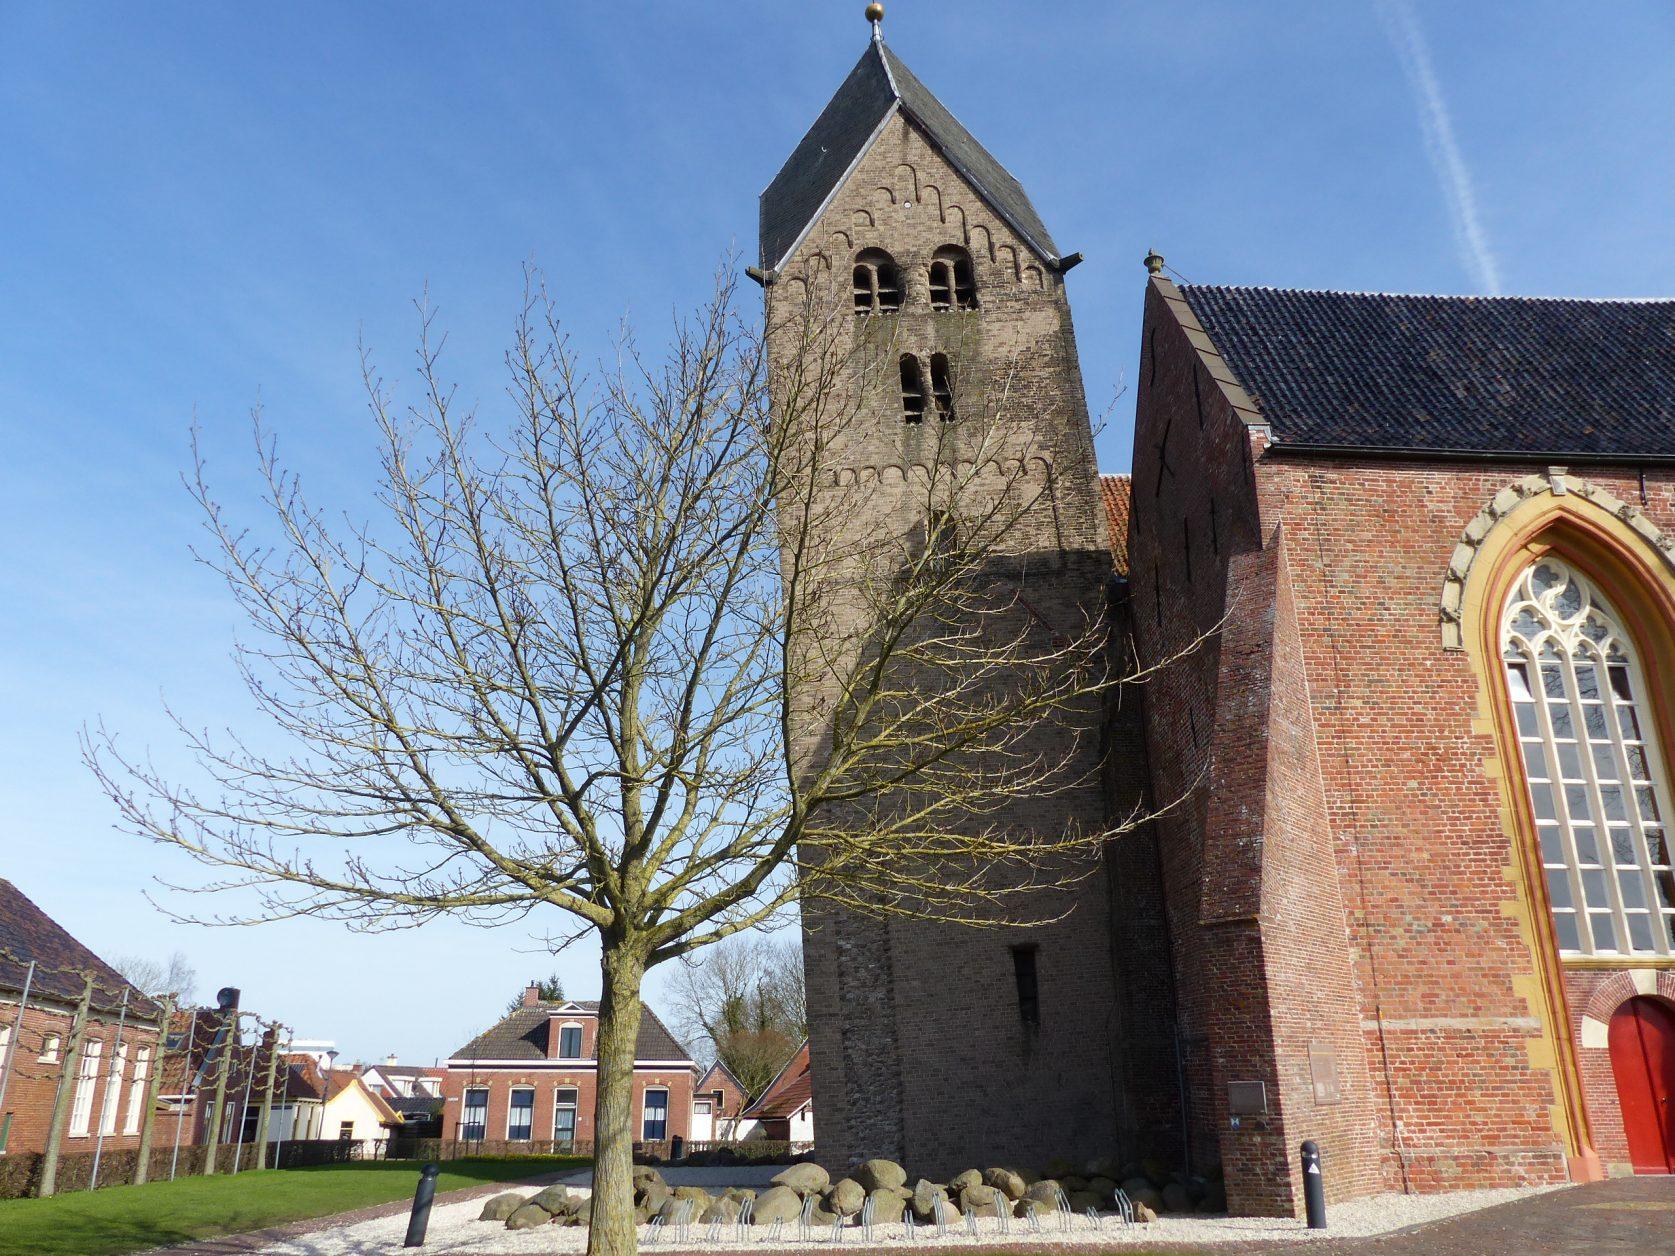 Schiefer Kirchturm von Bedum in der Provinz Groningen Foto: Weirauch